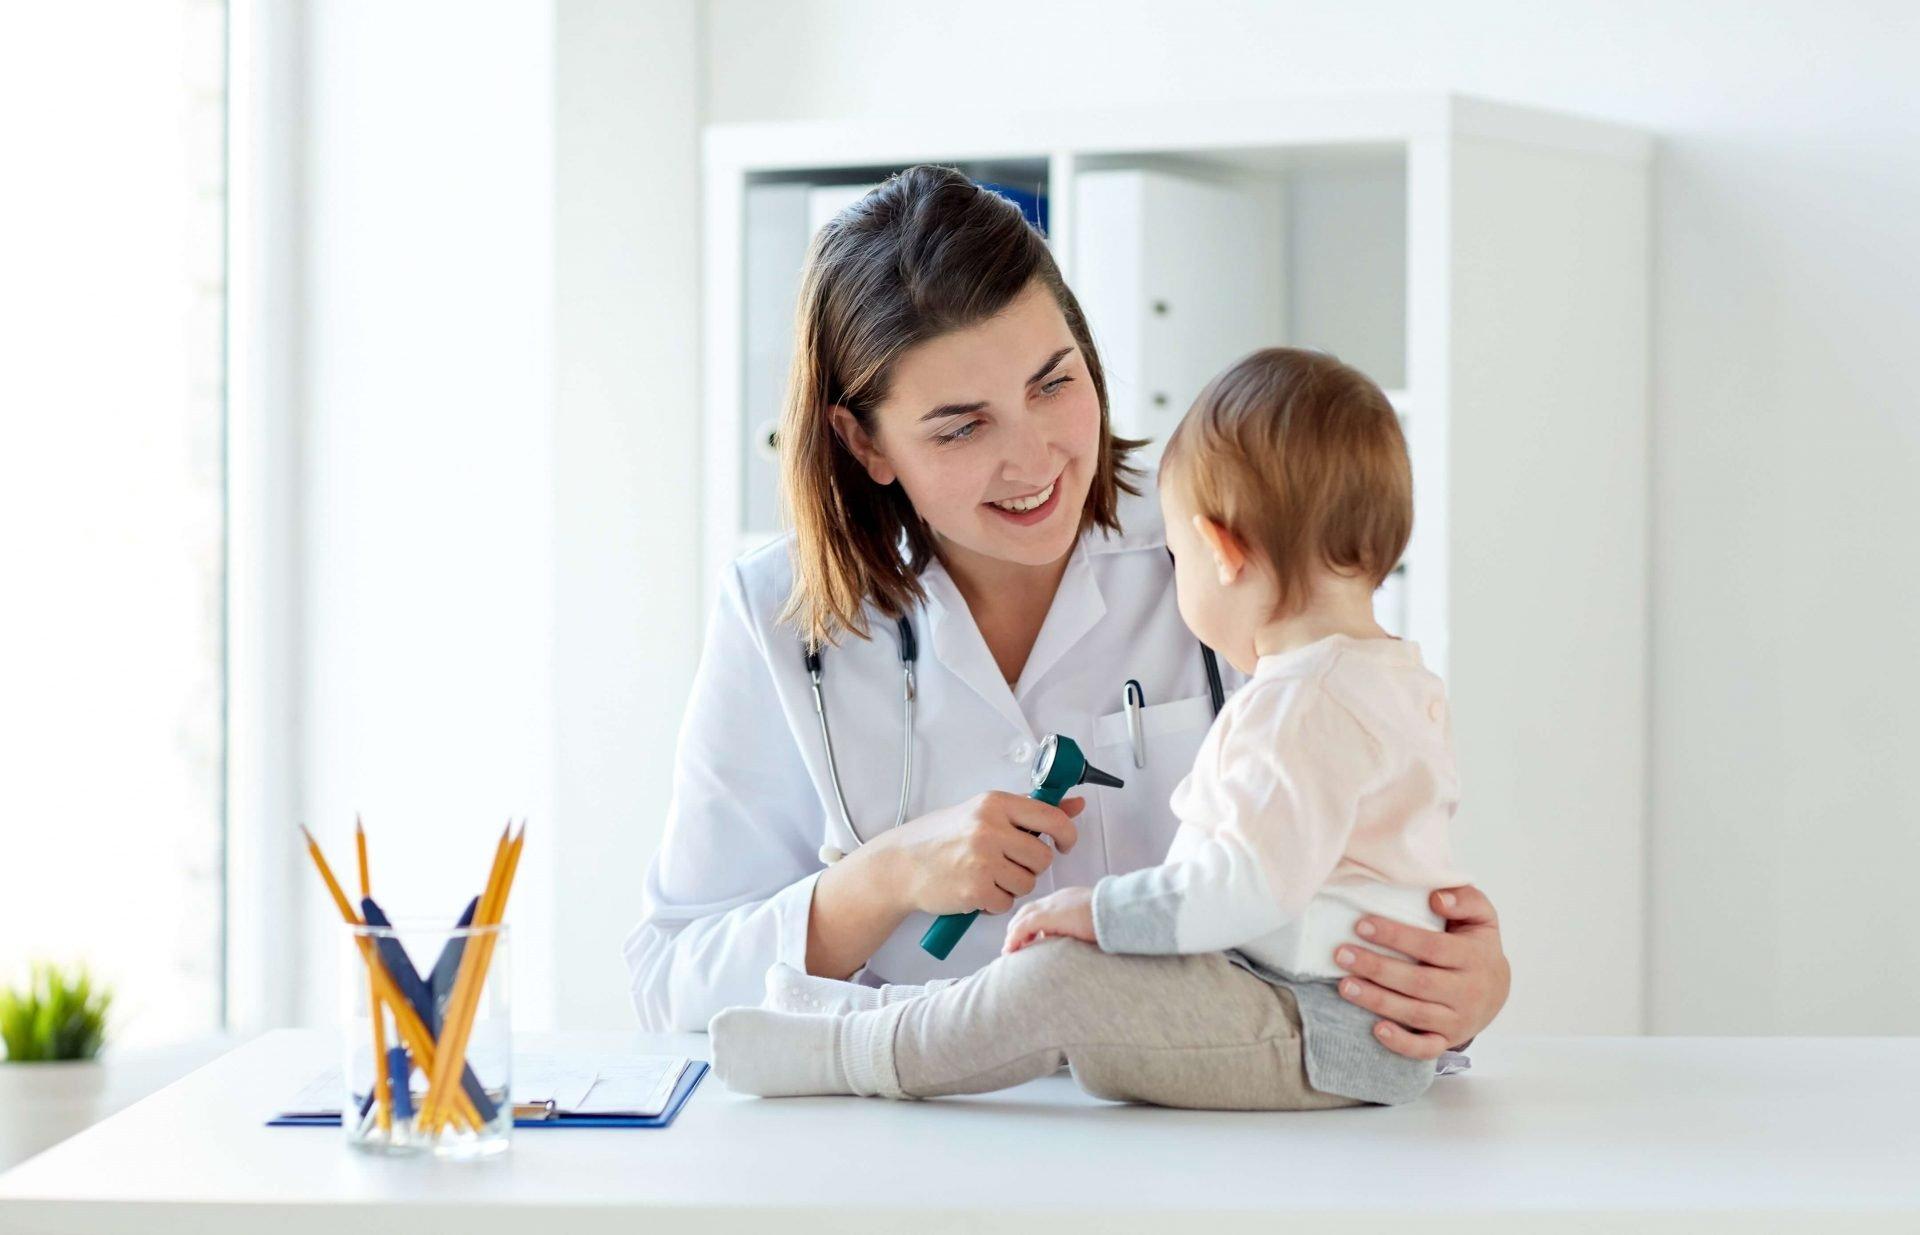 seguro con copago. Niño en consulta de pediatría